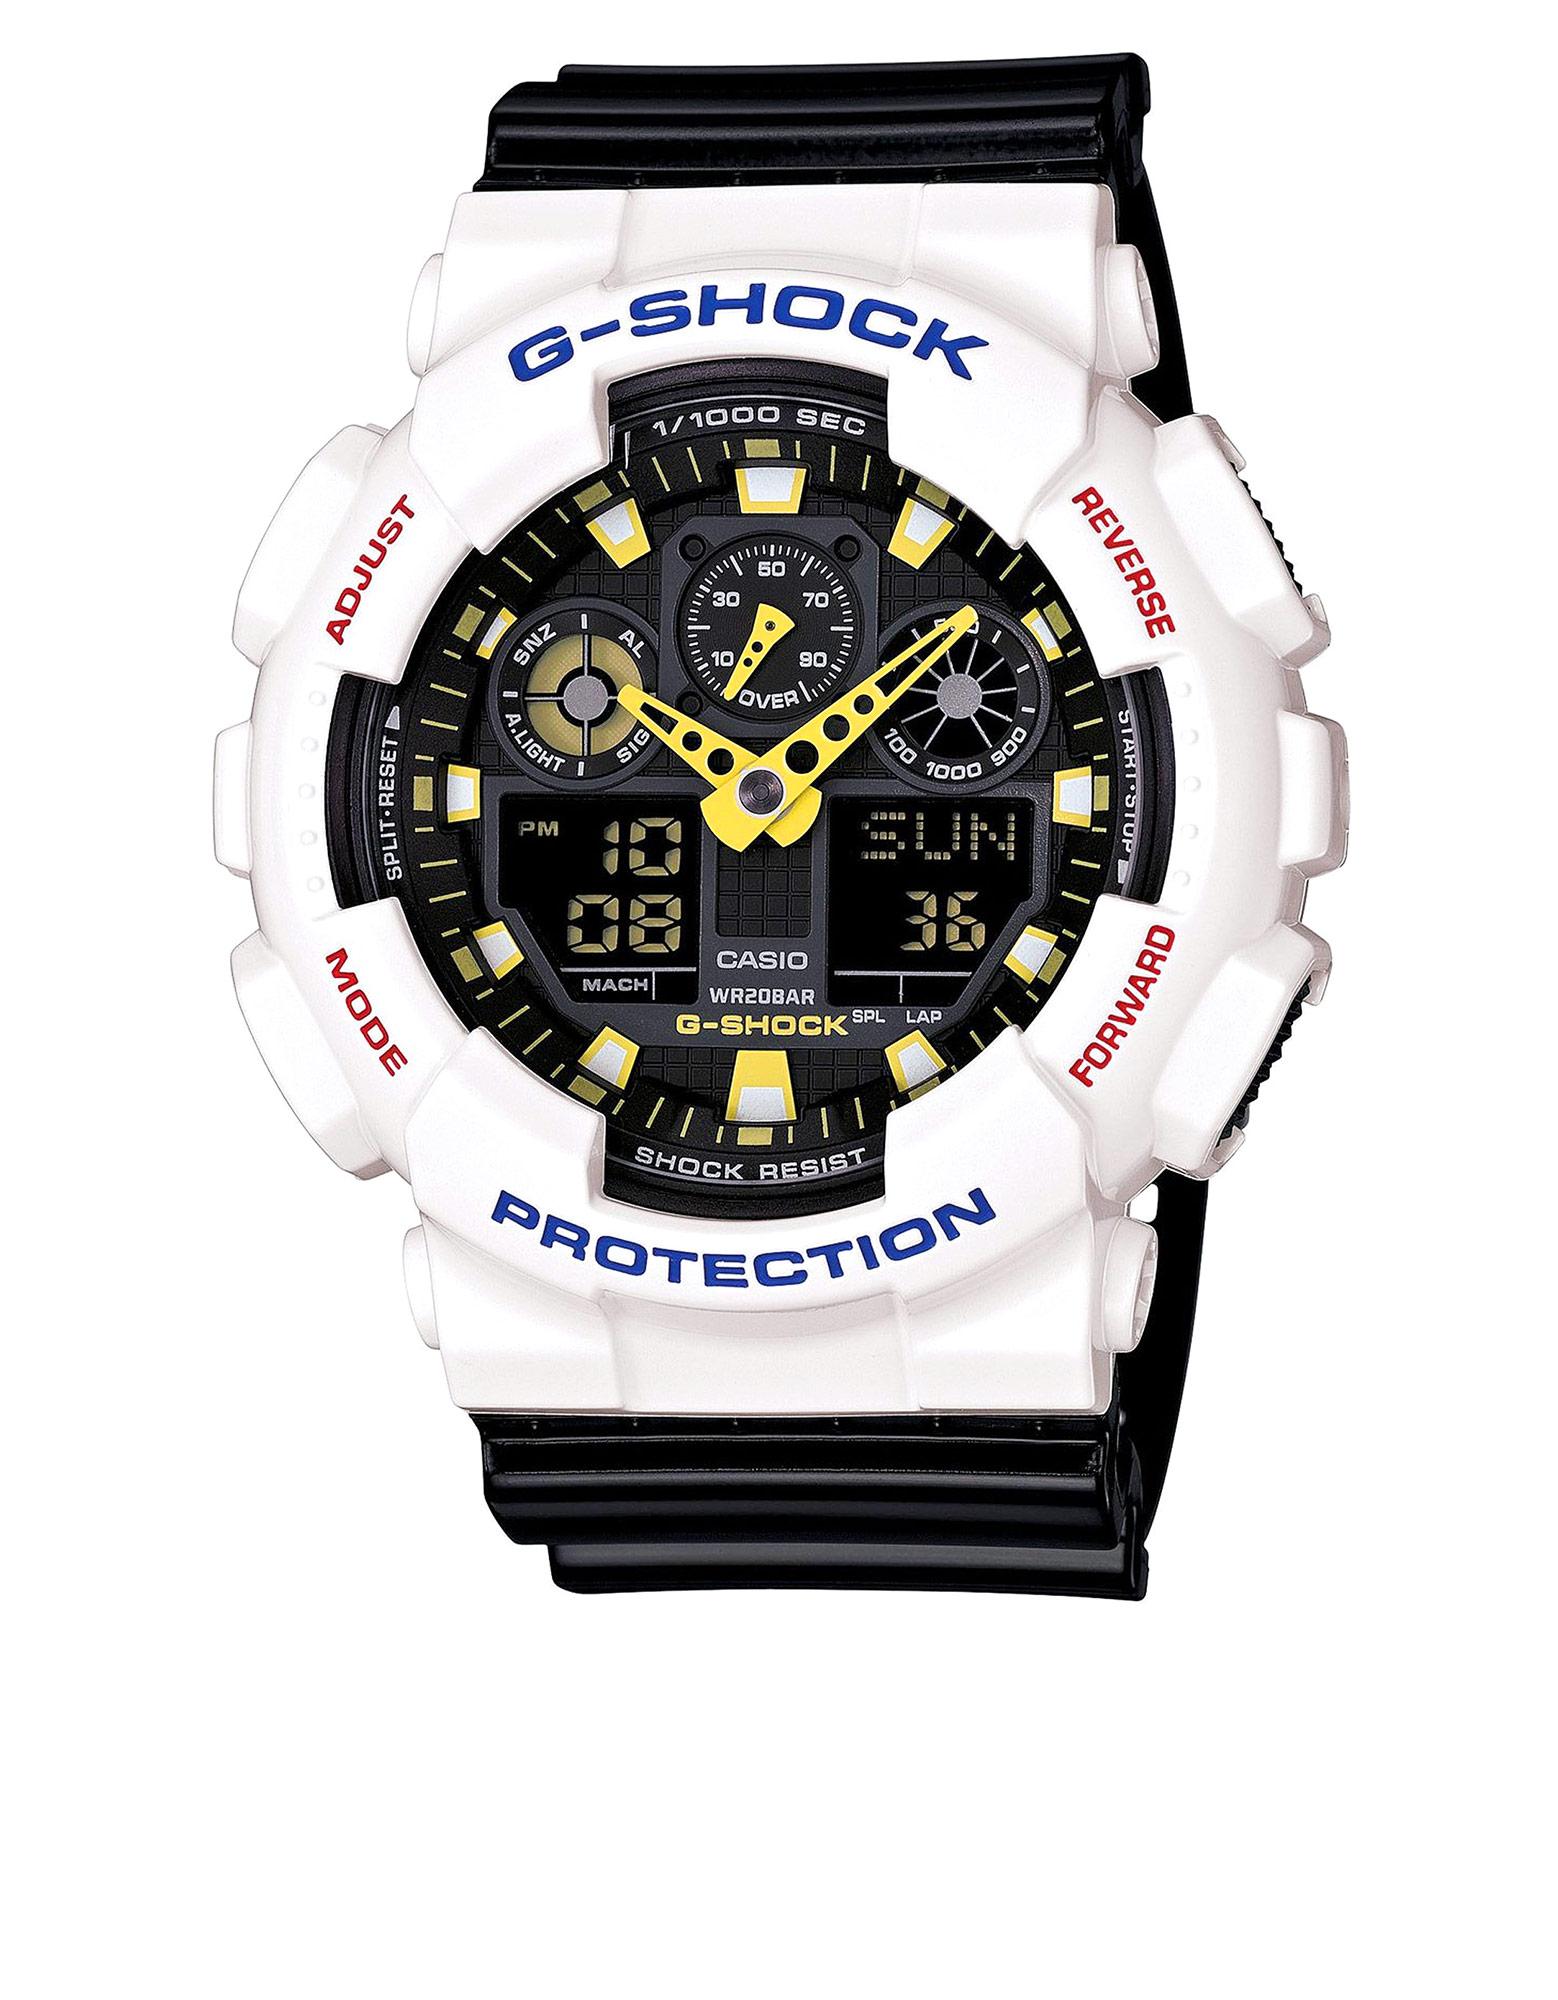 Casio GA-100CS G-Shock Analog-Digital Watch White